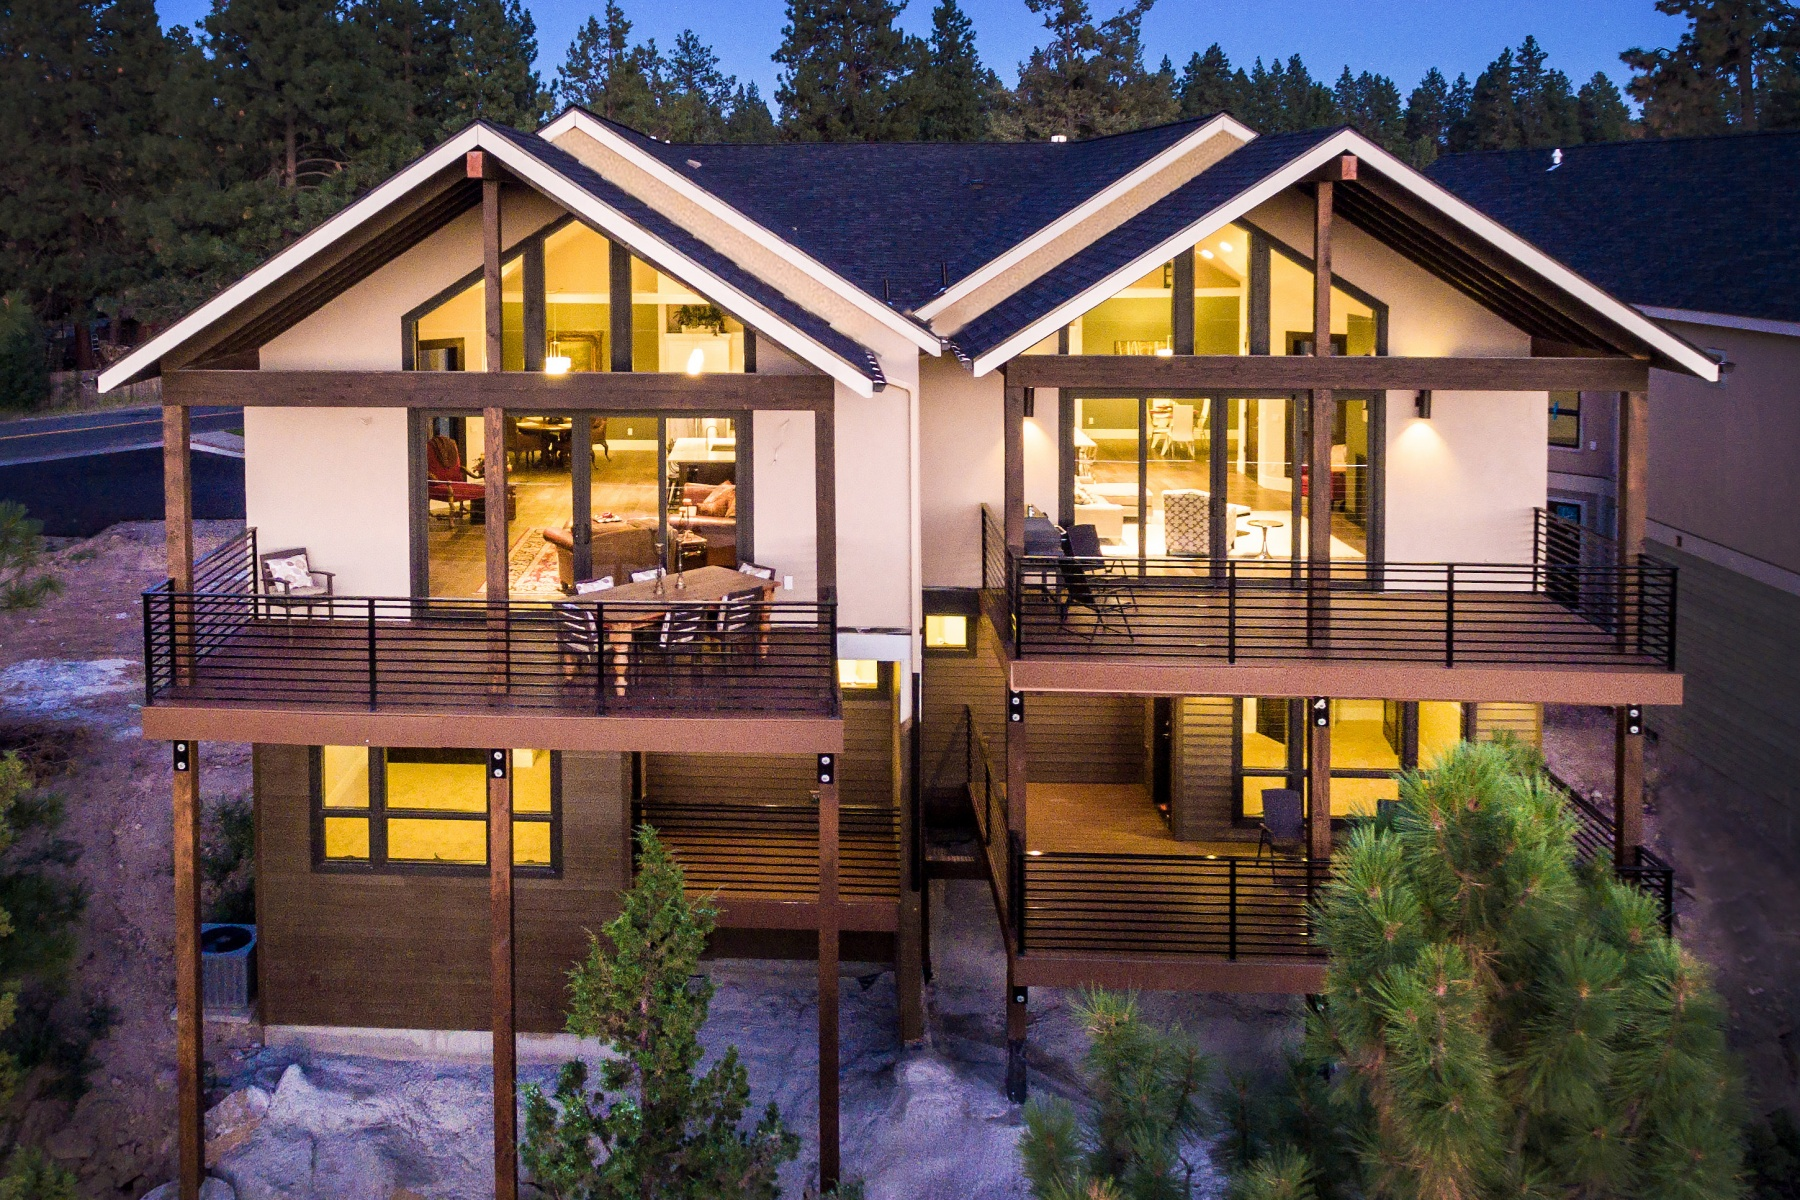 联栋屋 为 销售 在 61605 Woodriver Drive, BEND 本德, 俄勒冈州, 97702 美国